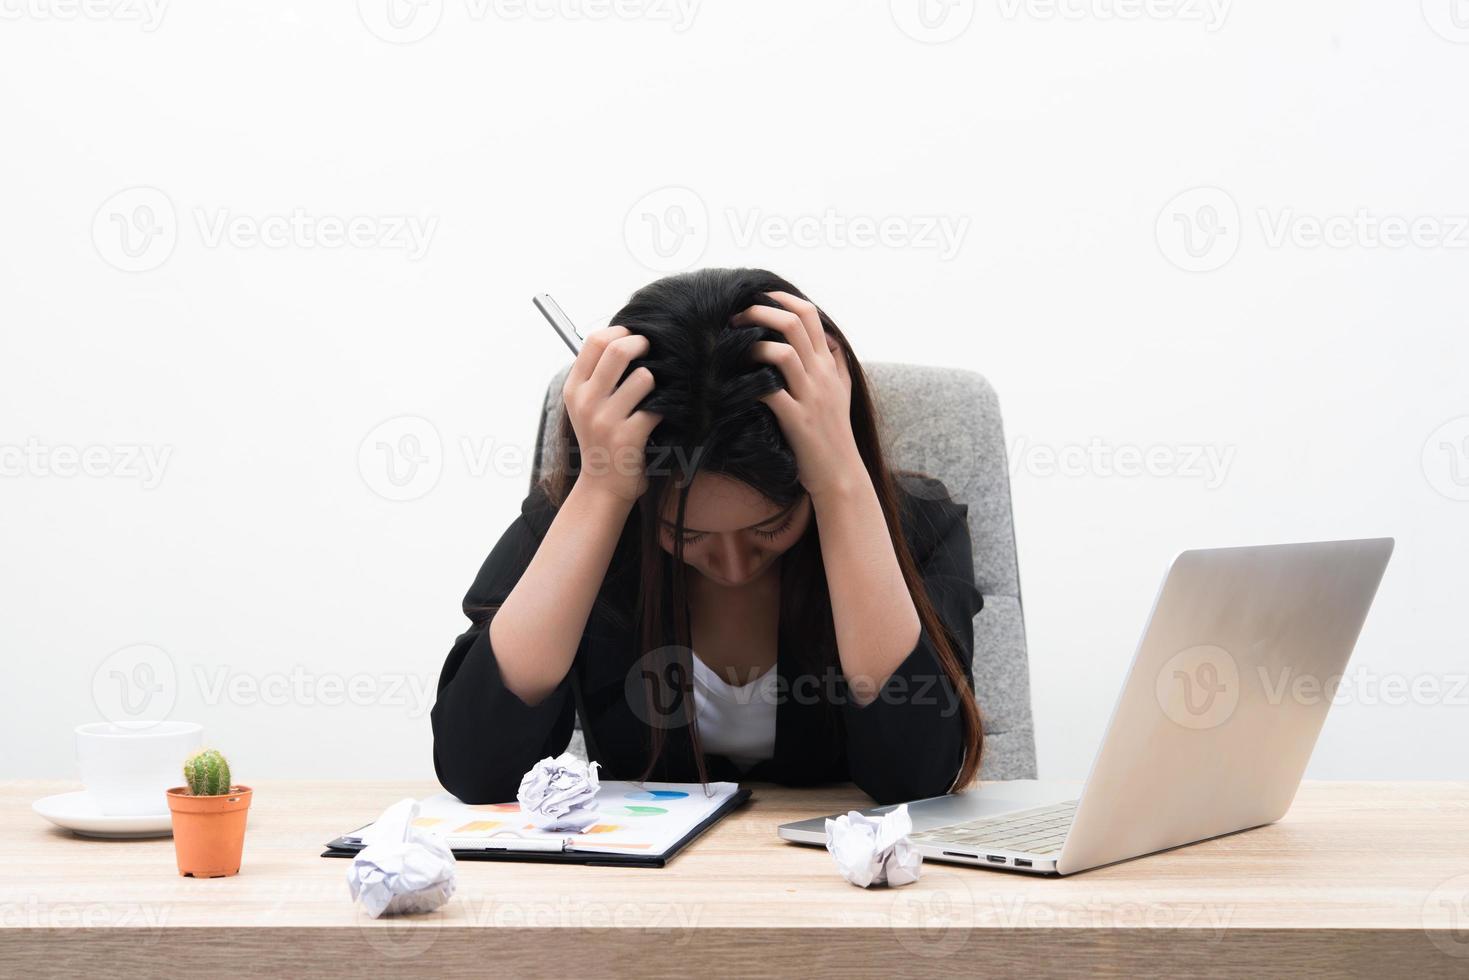 jonge zakenvrouw houdt haar hoofd vast en ziet er stressvol uit op een witte achtergrond foto